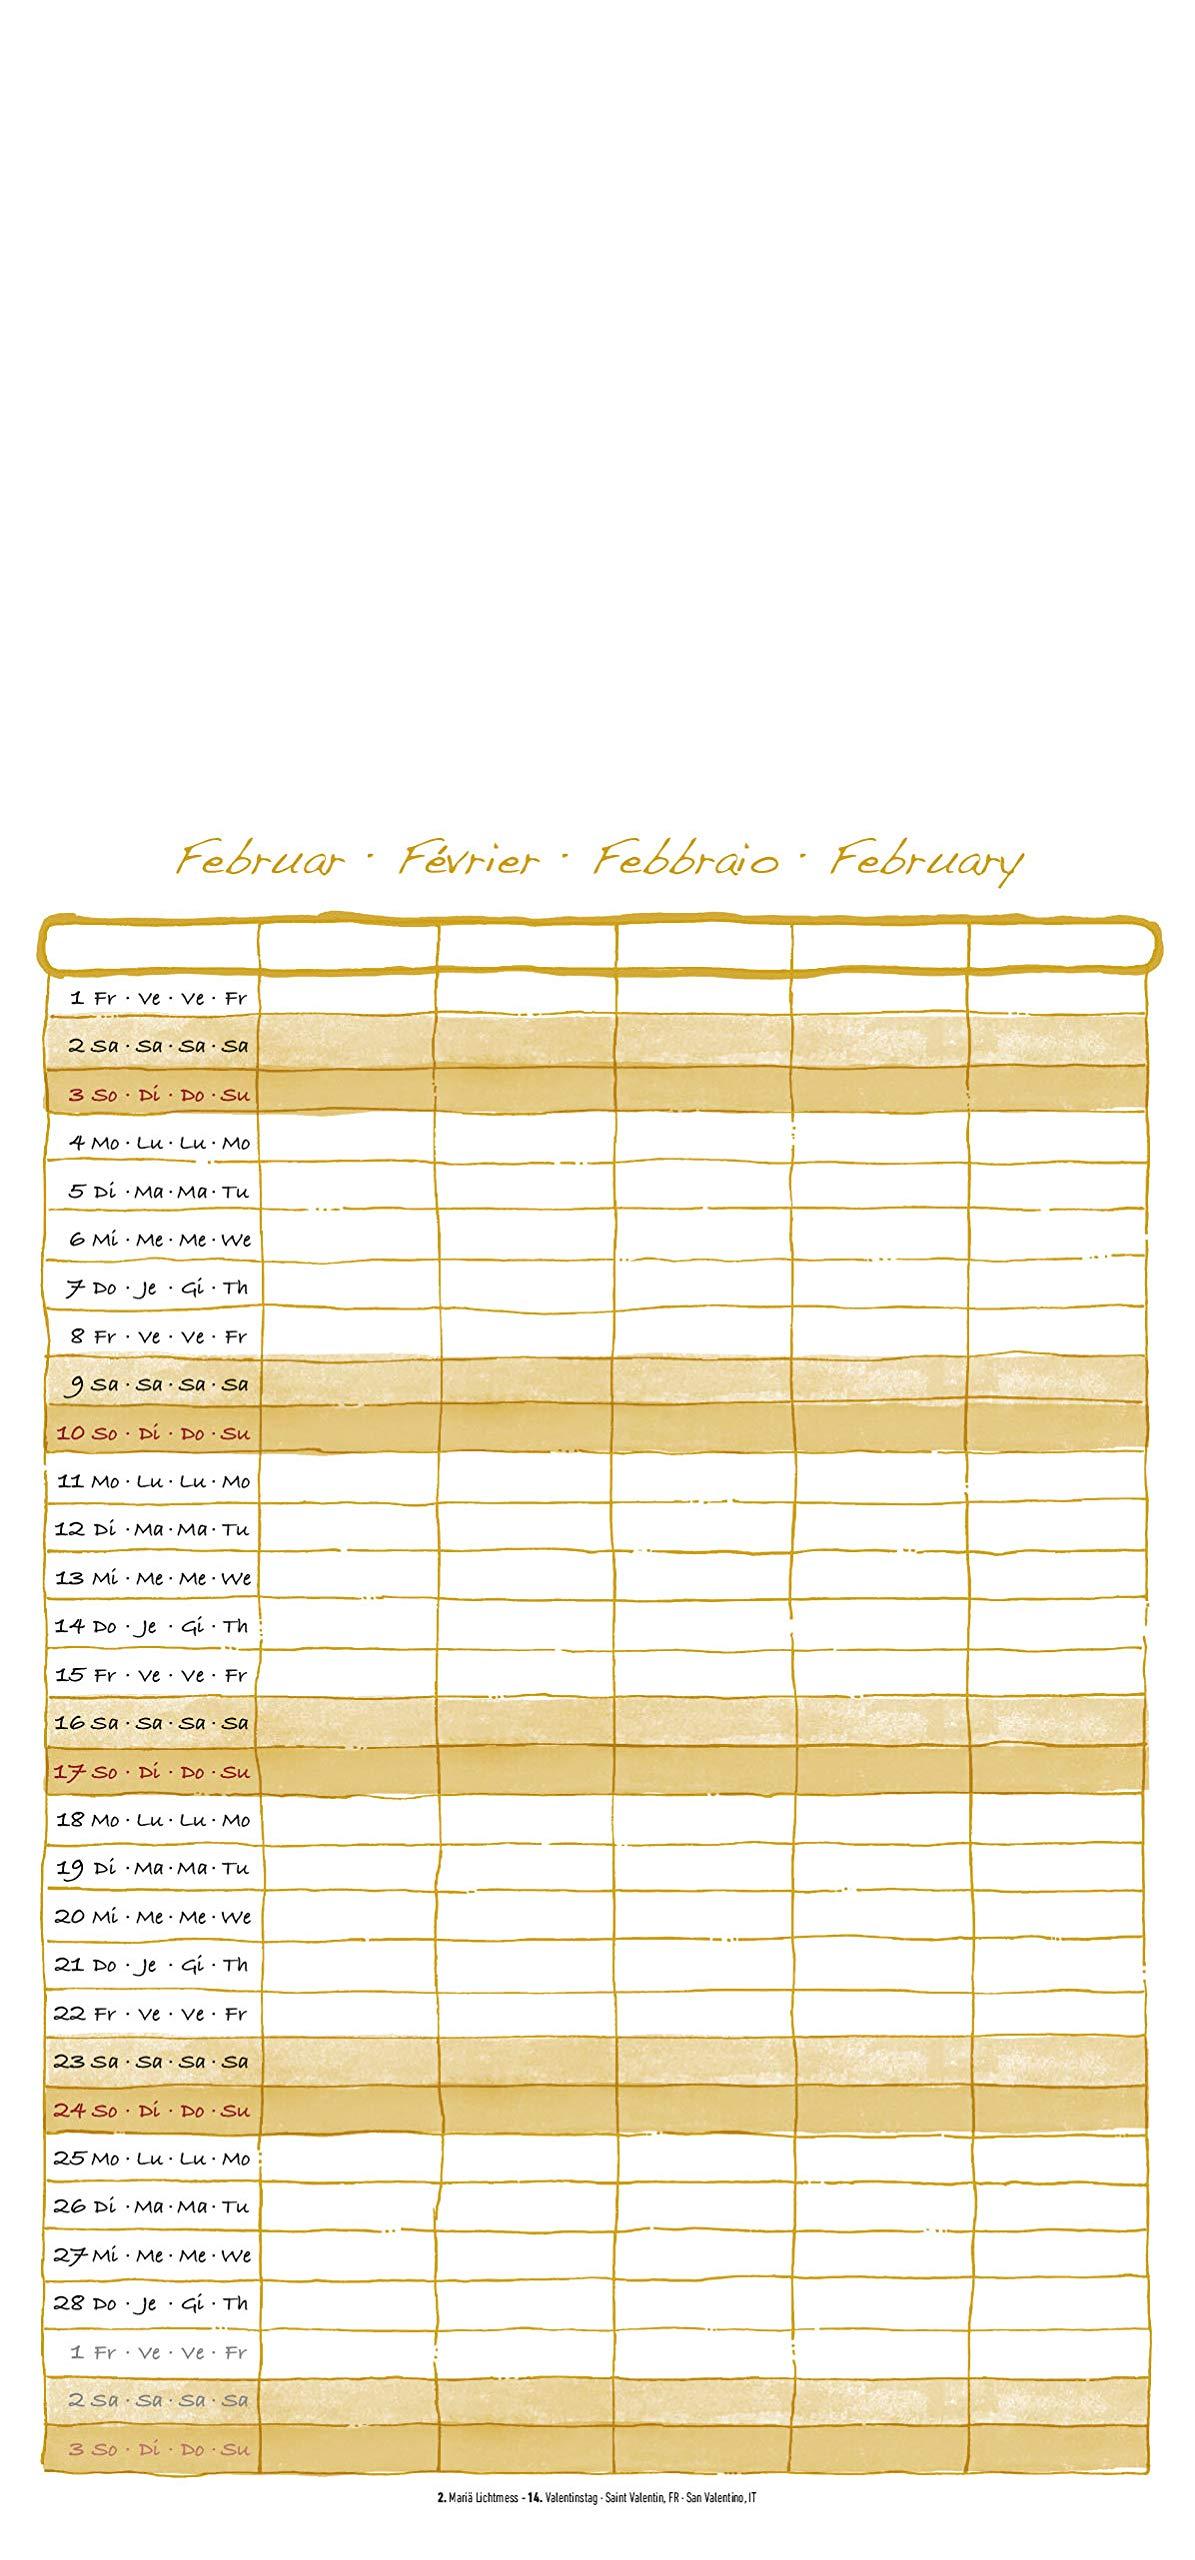 foto bastel familienplaner mit 5 spalten 2019 kalender. Black Bedroom Furniture Sets. Home Design Ideas